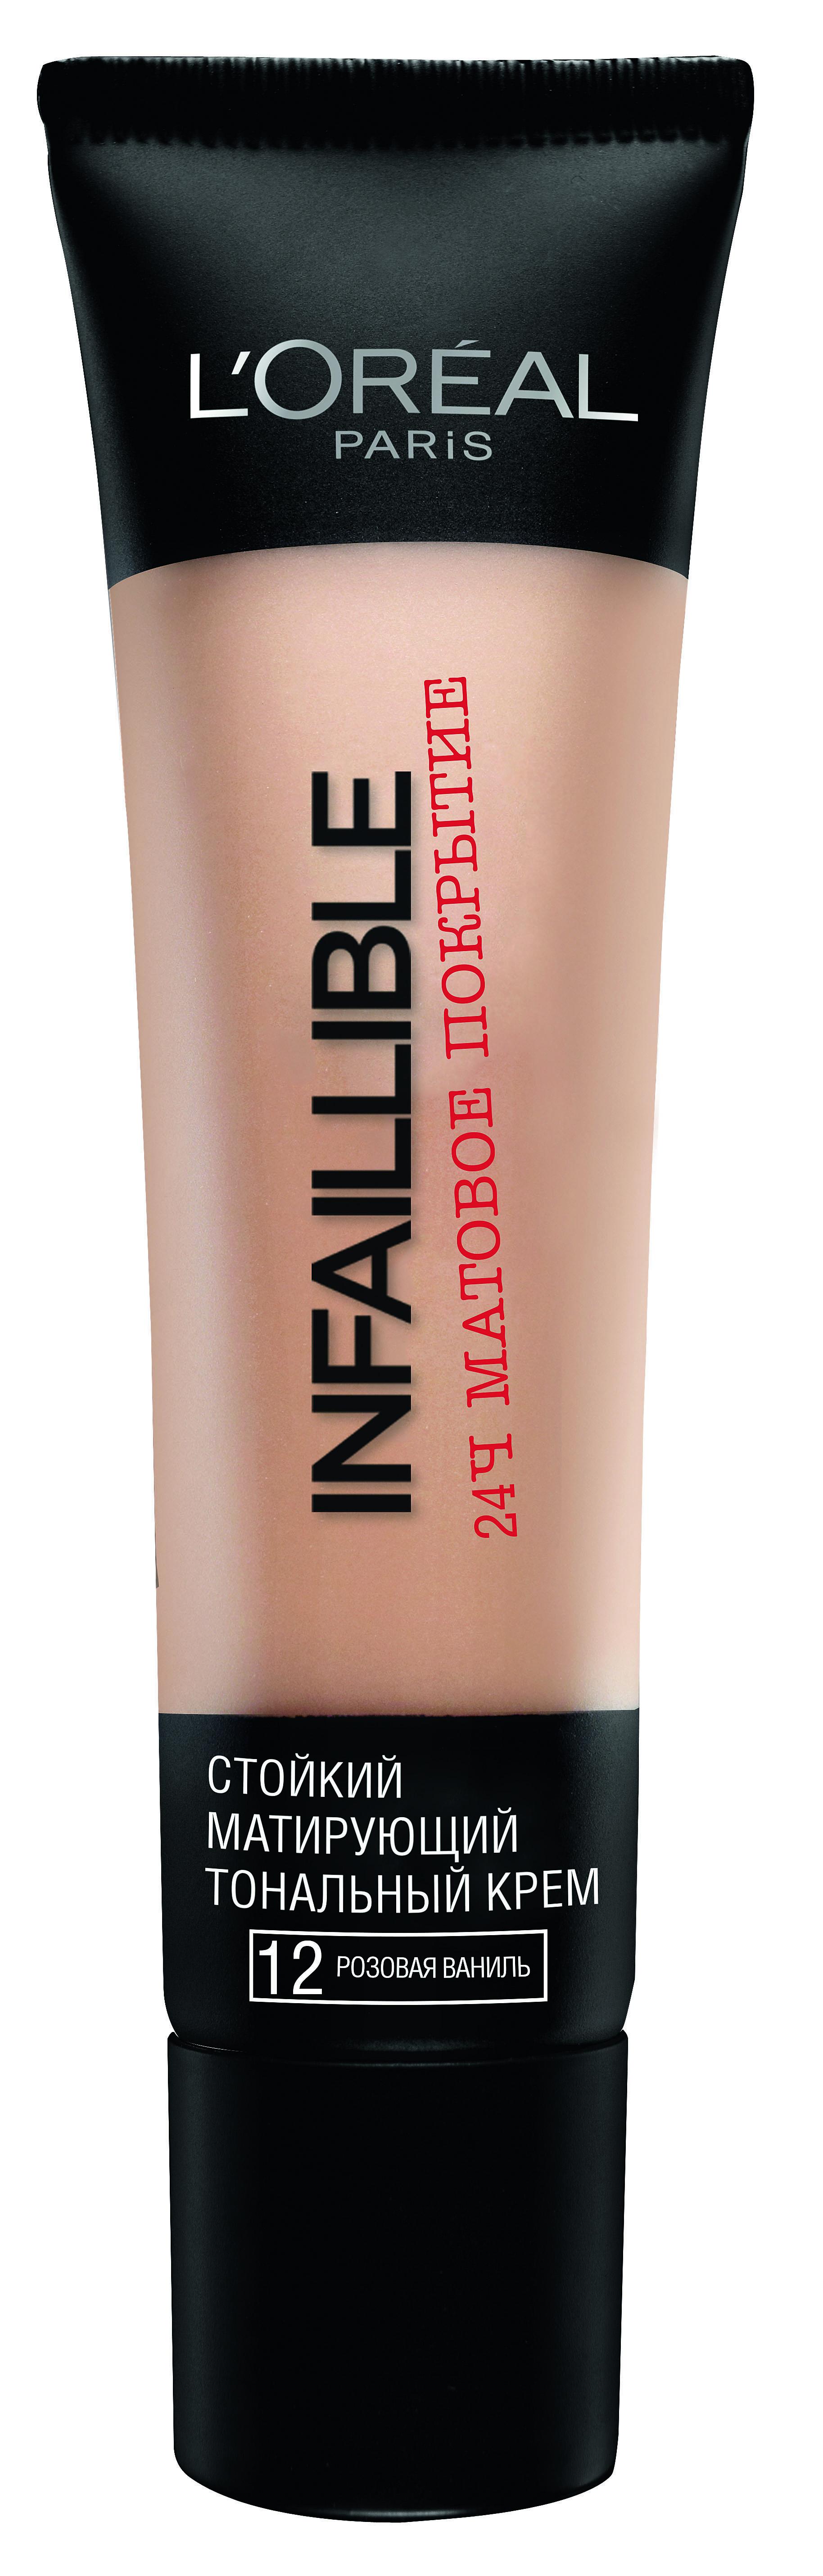 Тональный крем Infaillible L'Oréal Paris